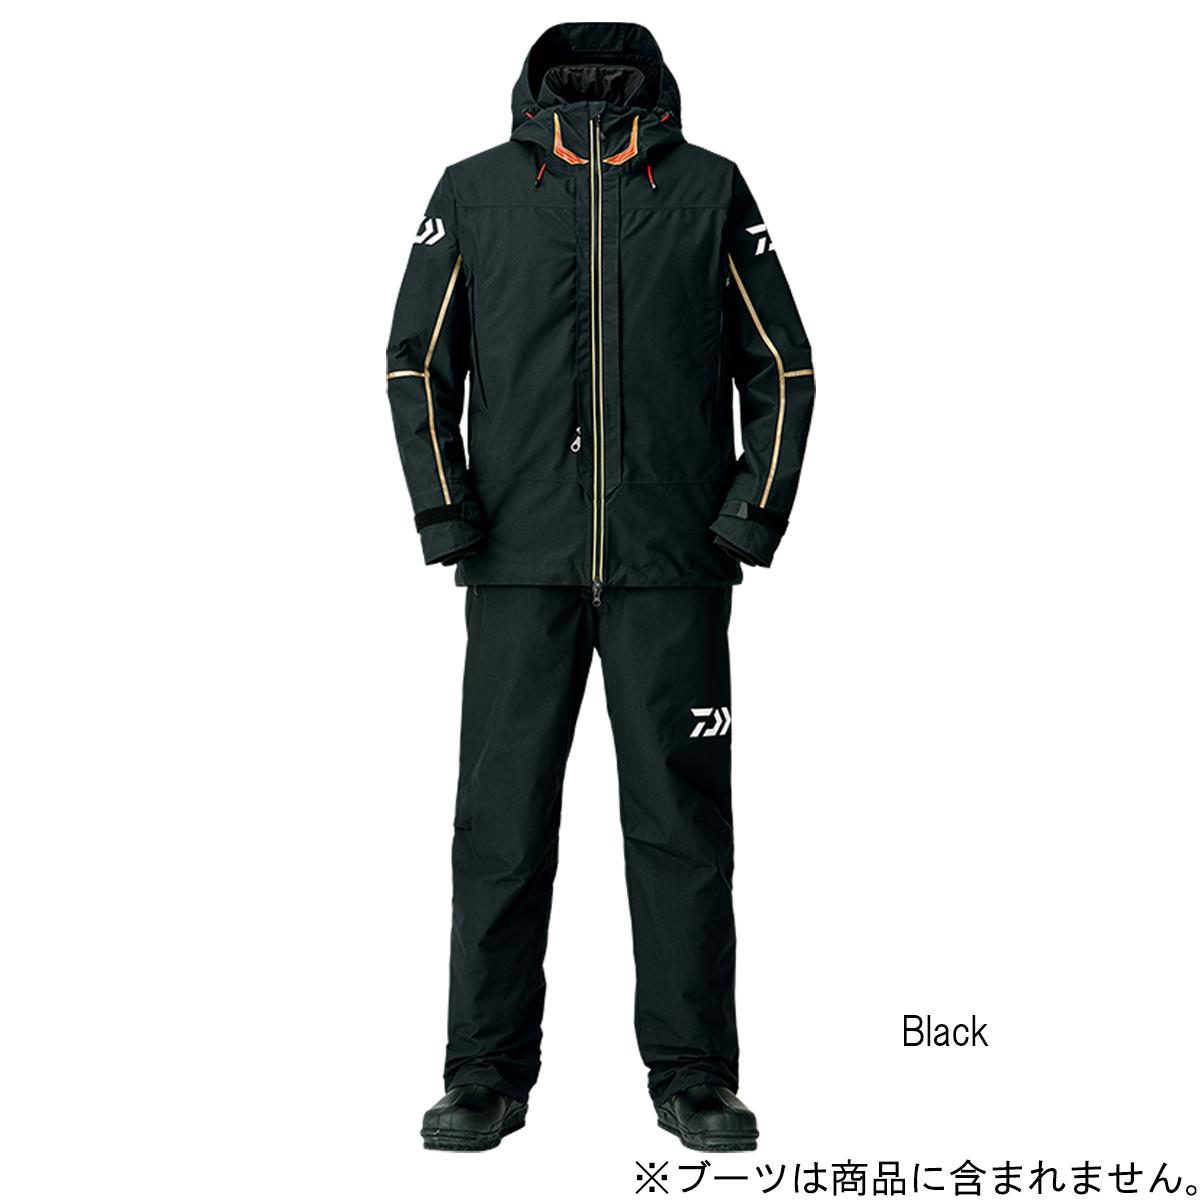 ダイワ ゴアテックス プロダクト コンビアップ ウィンタースーツ DW-1808 L Black(東日本店)